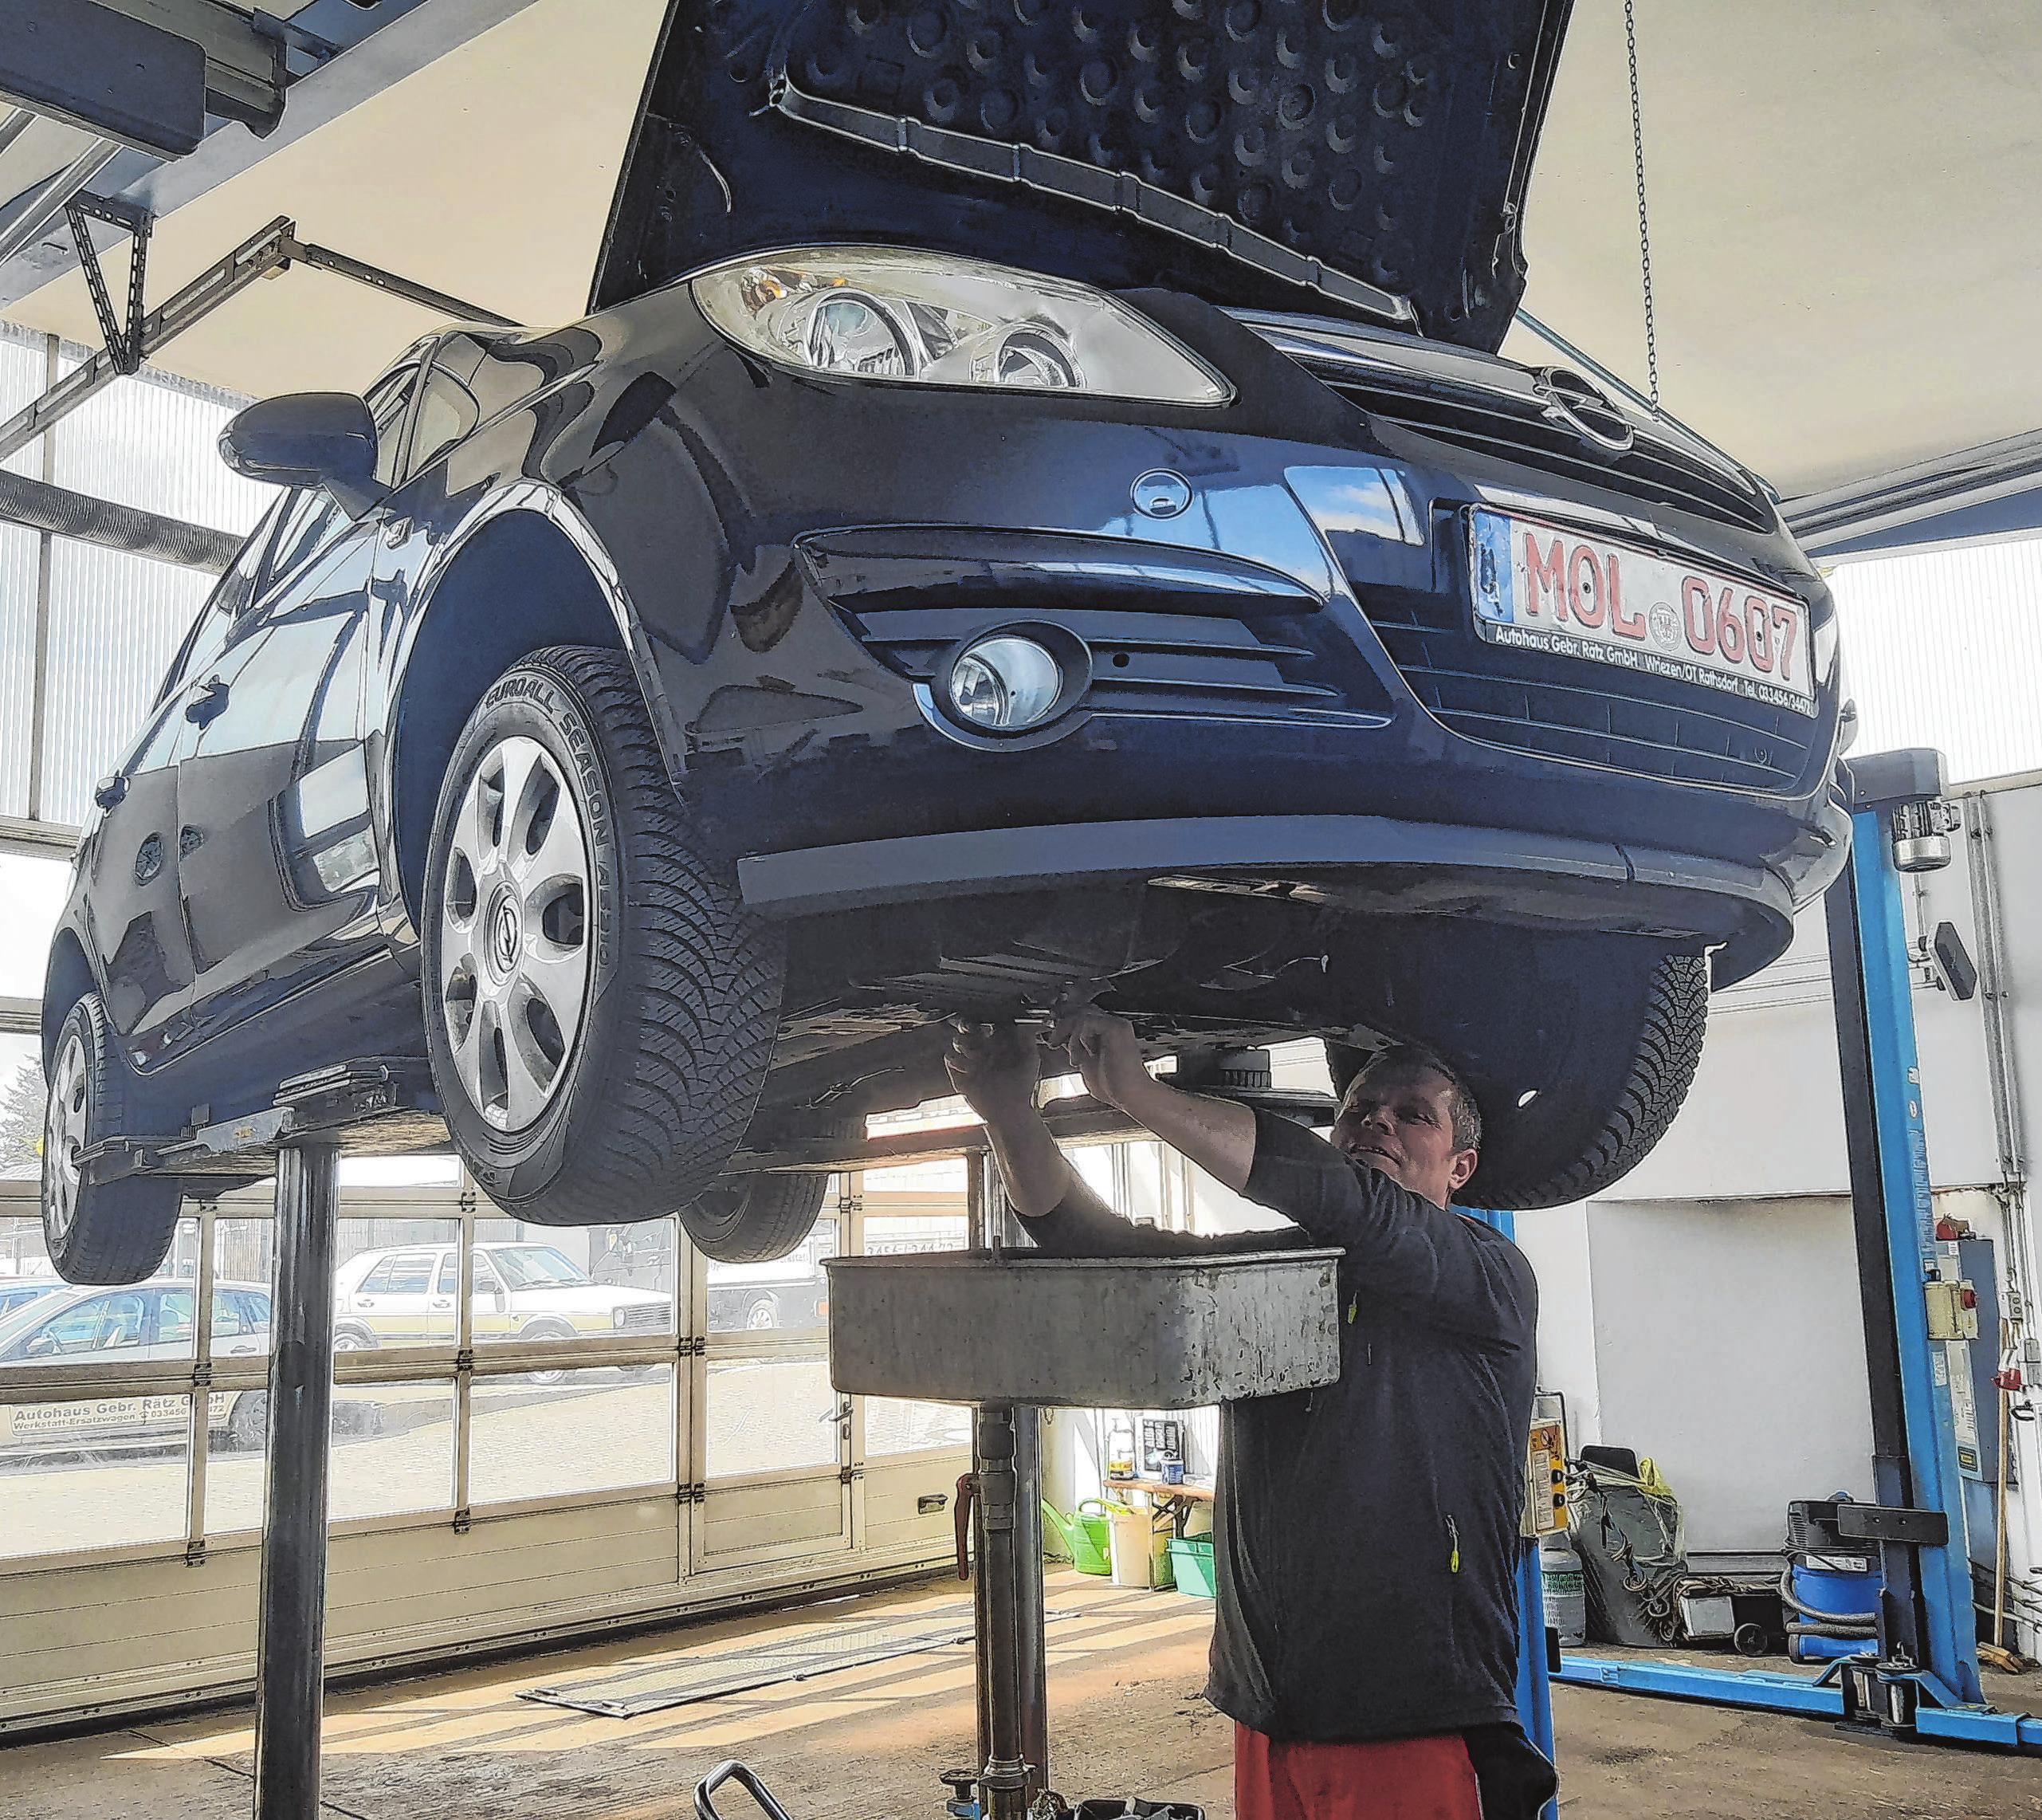 Ölwechsel am Fahrzeug gehört zu den Routinearbeiten in der Kfz-Werkstatt. Thomas Rätz kümmert sich darum.